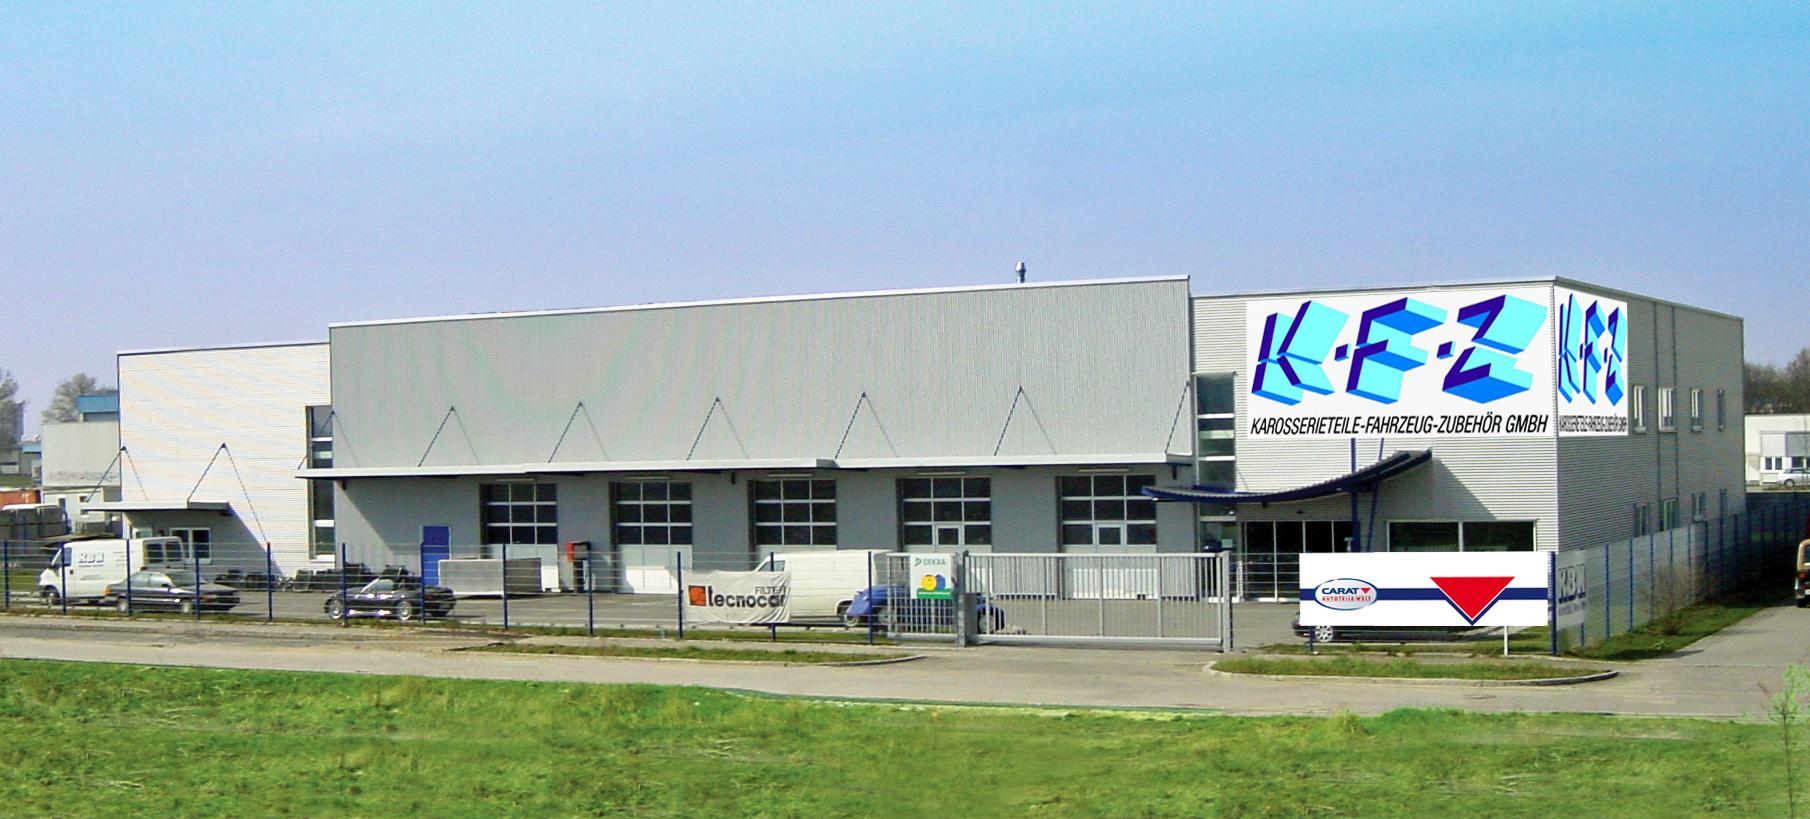 K-F-Z Karosserieteile-Fahrzeug-Zubehör GmbH